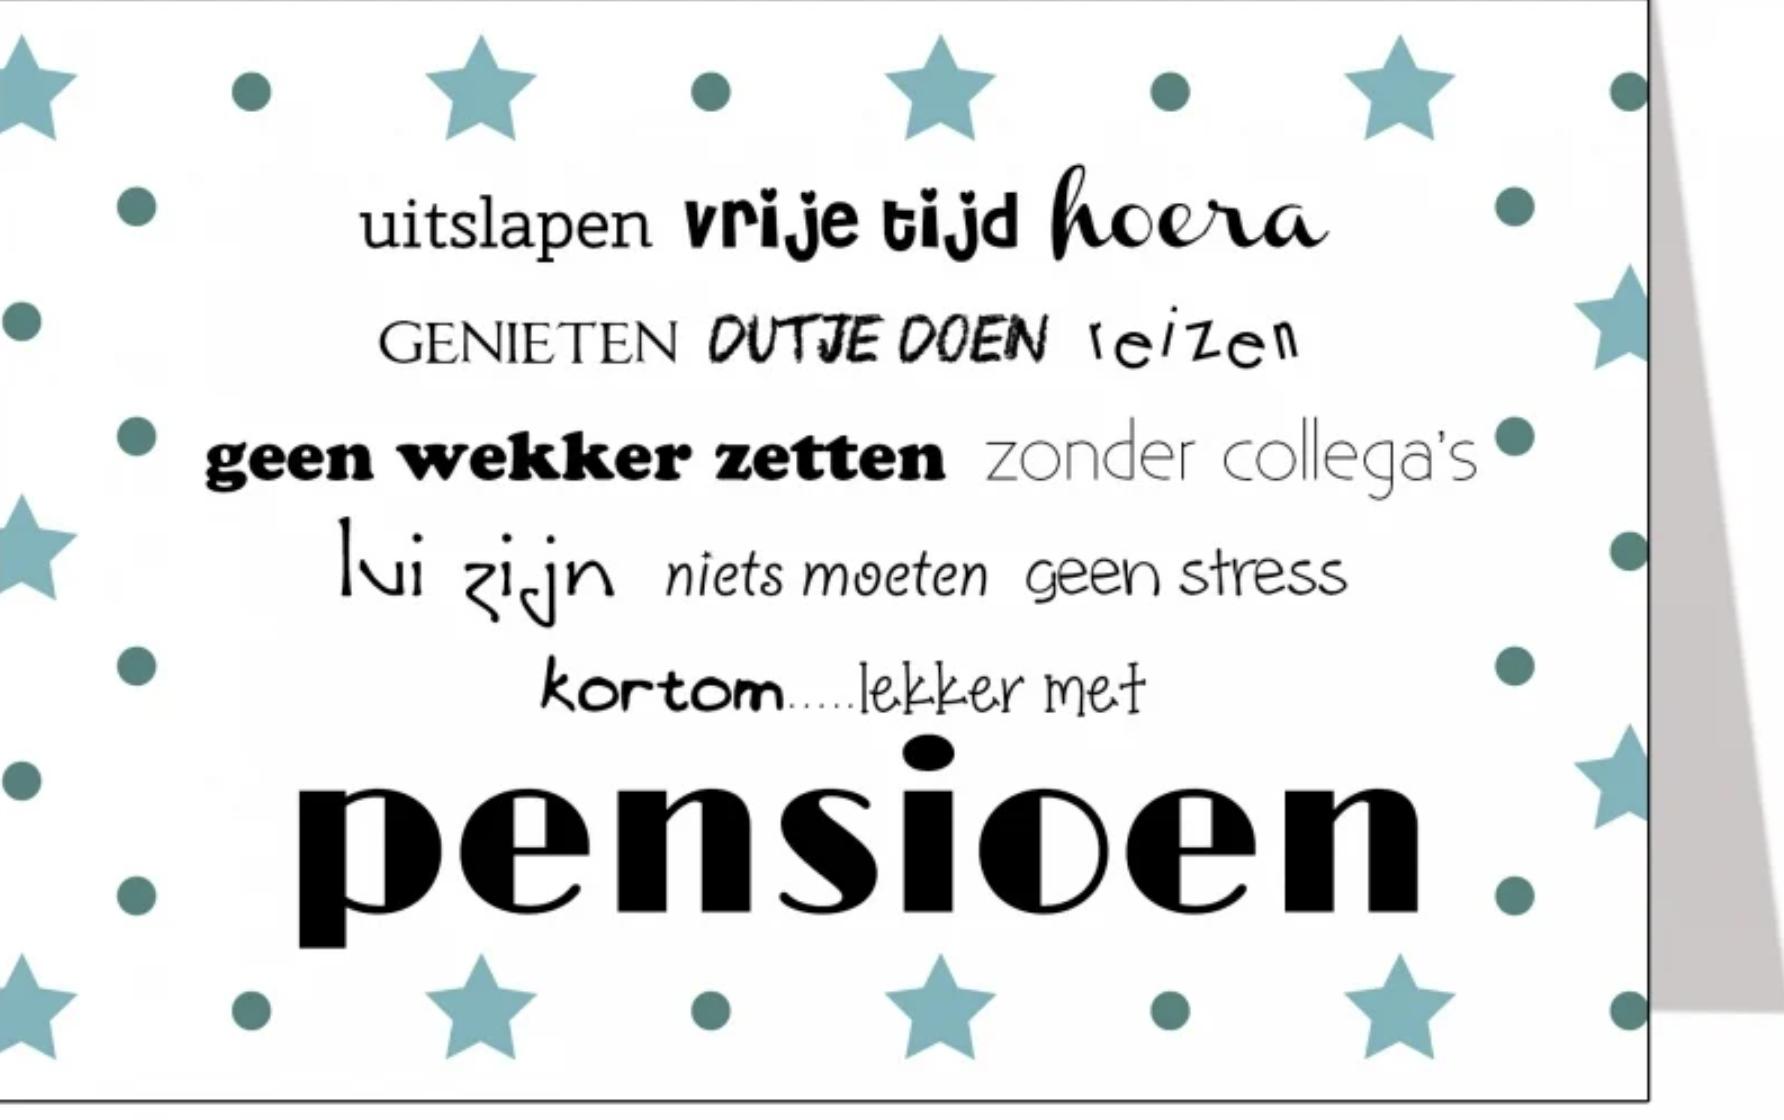 Wenskaart Pensioen